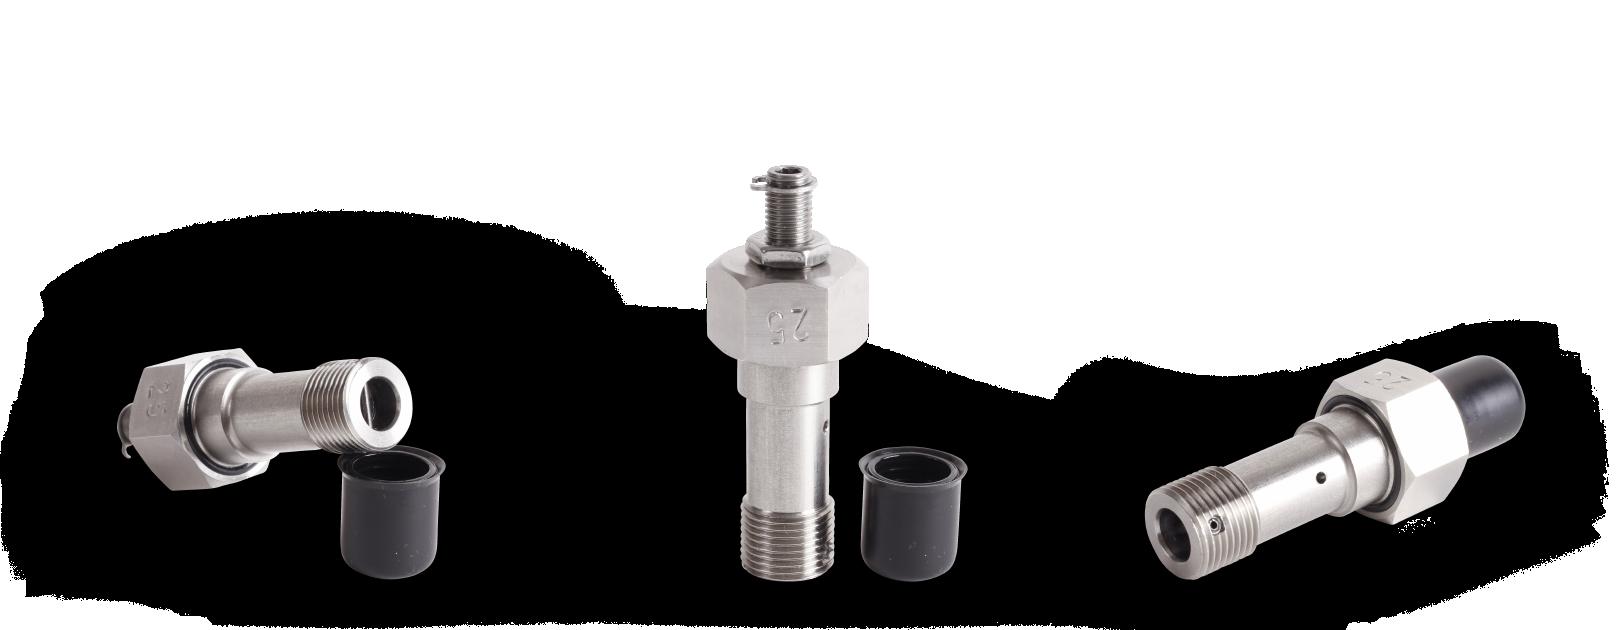 Einschraubbares Stromregelventil Hydraulikventil zur lastunabhängigen Steuerung des Volumenstroms